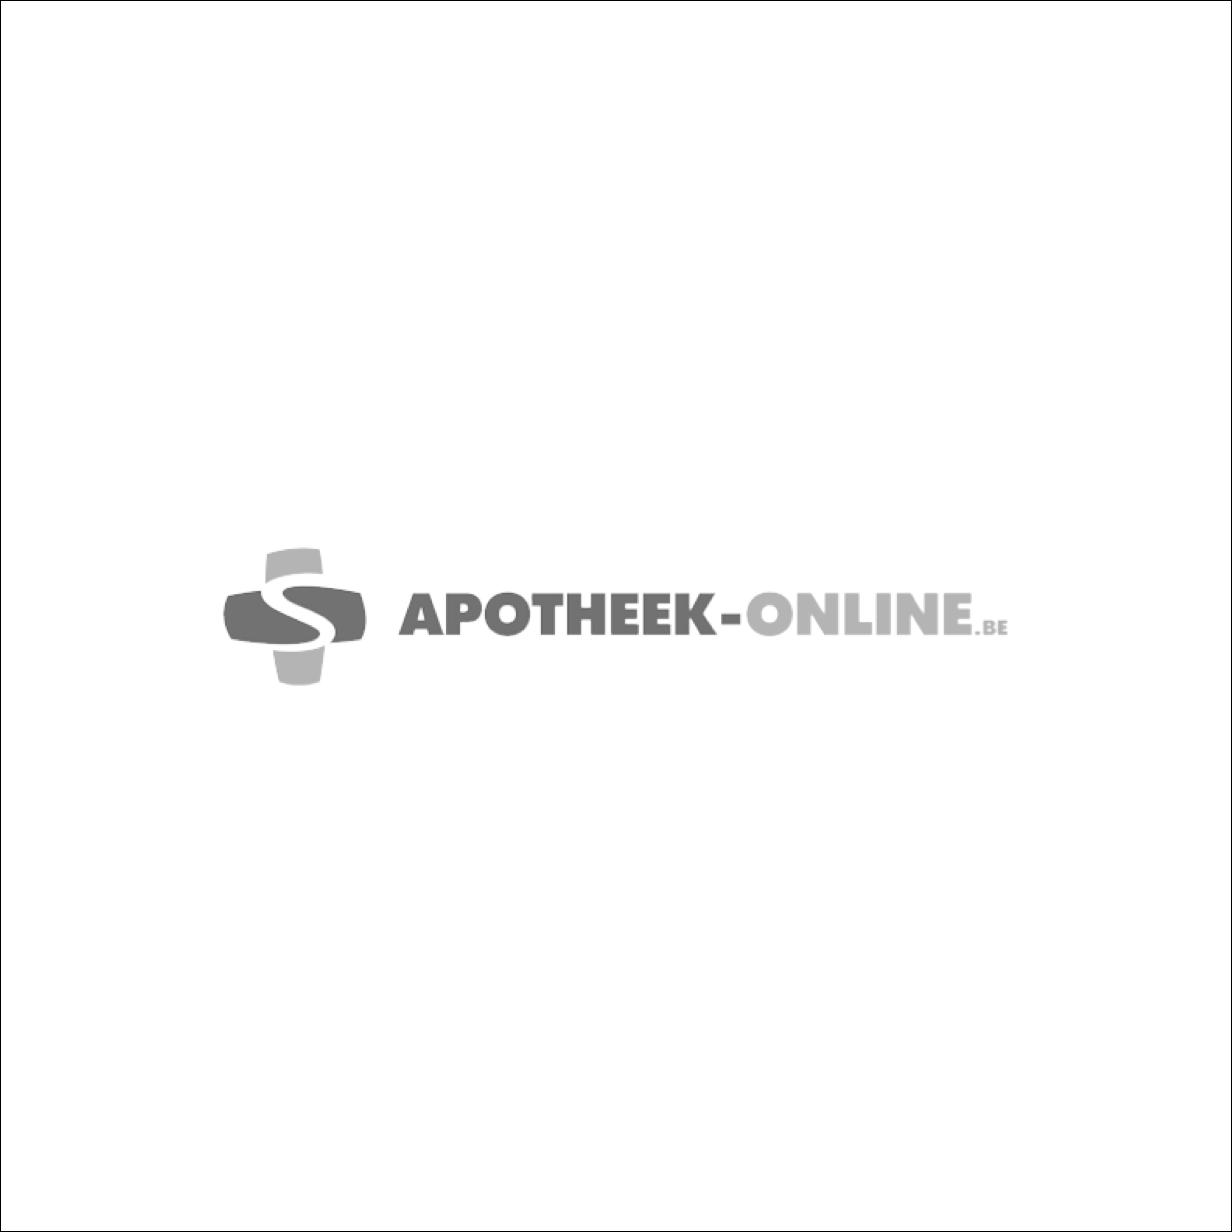 Bota Handpolsband+duim 105 White N1